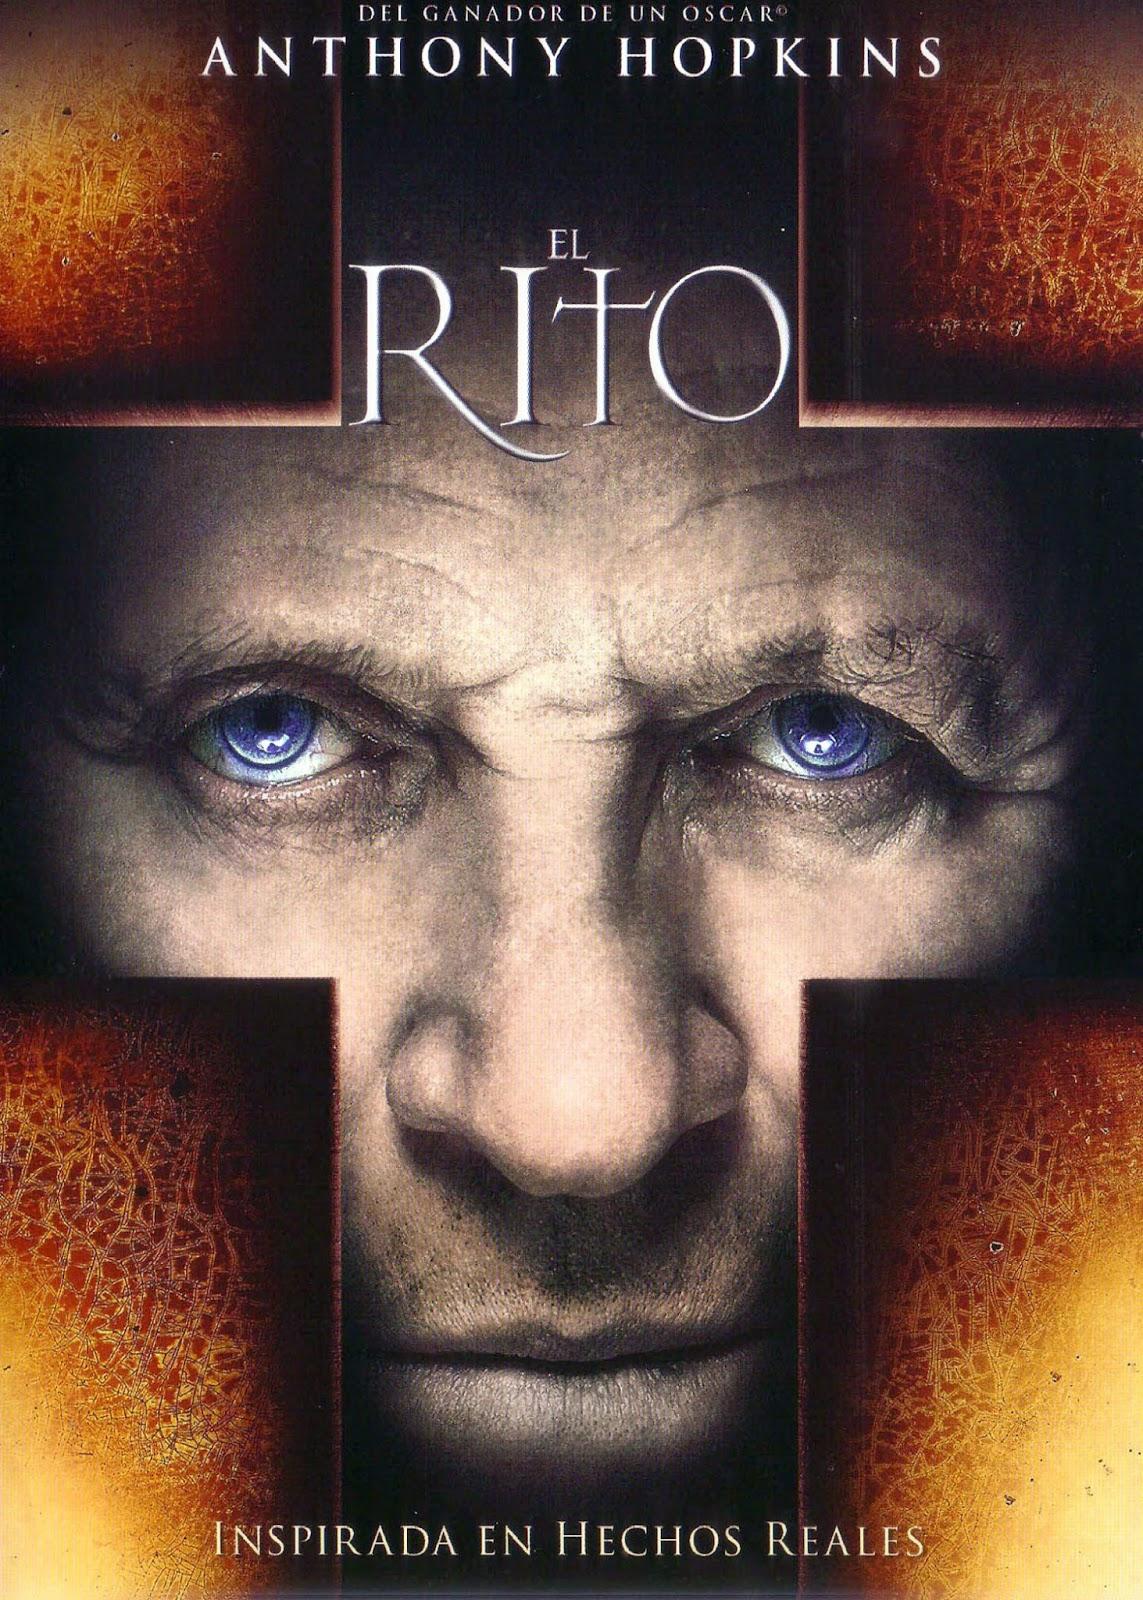 El Rito (2011)